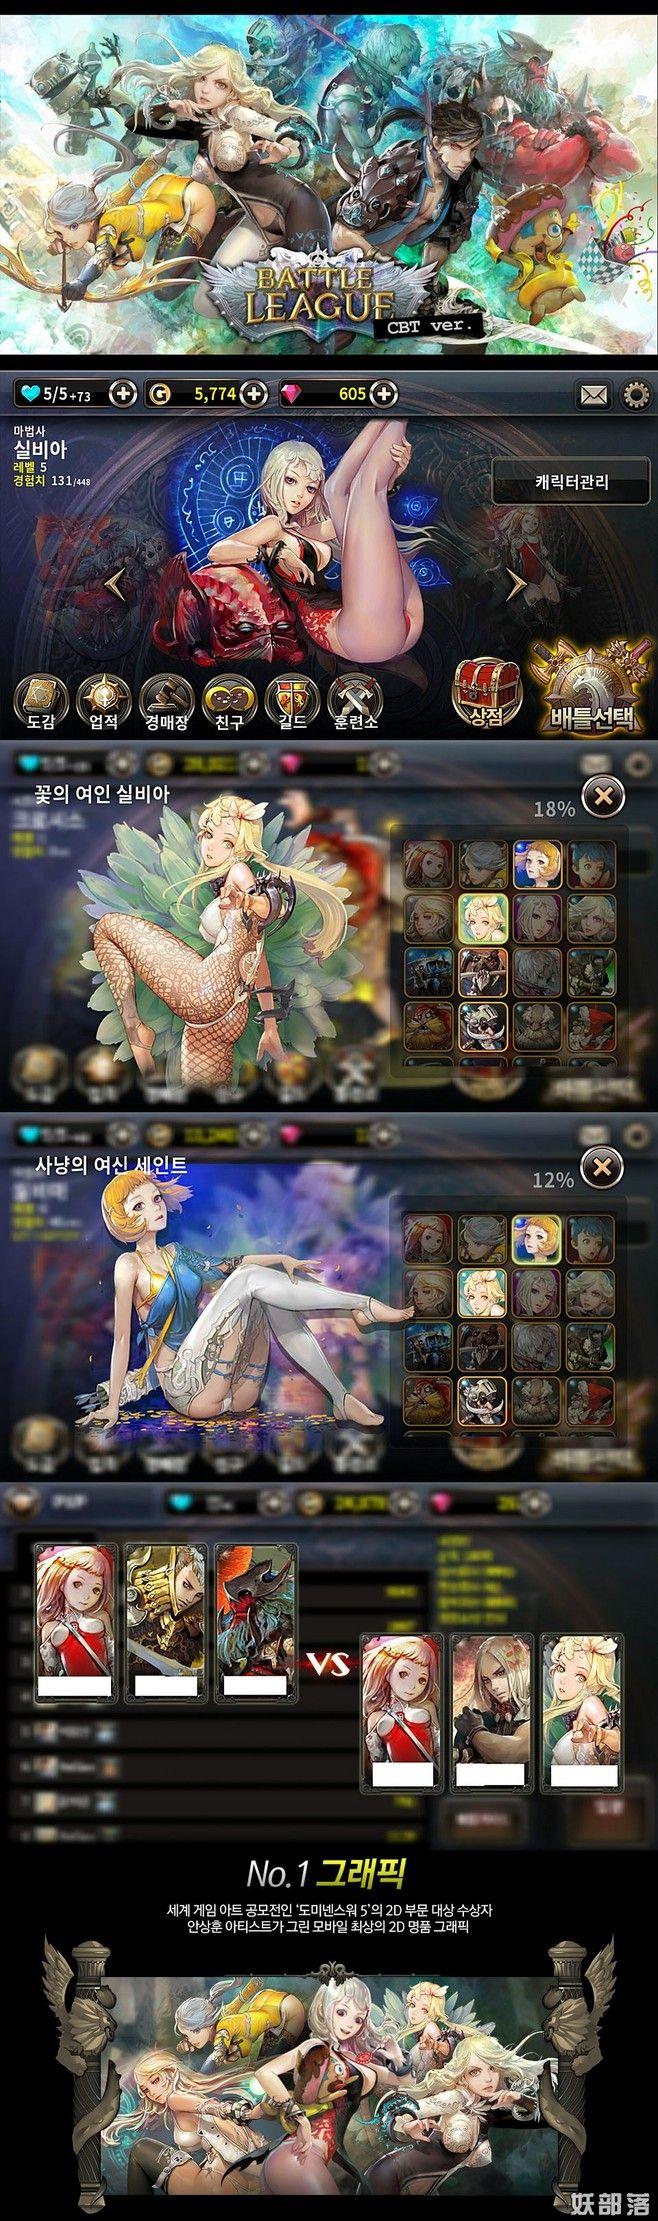 战争联盟battle league - ...@小虫子某白采集到GAME-UI(1789图)_花瓣UI/UX